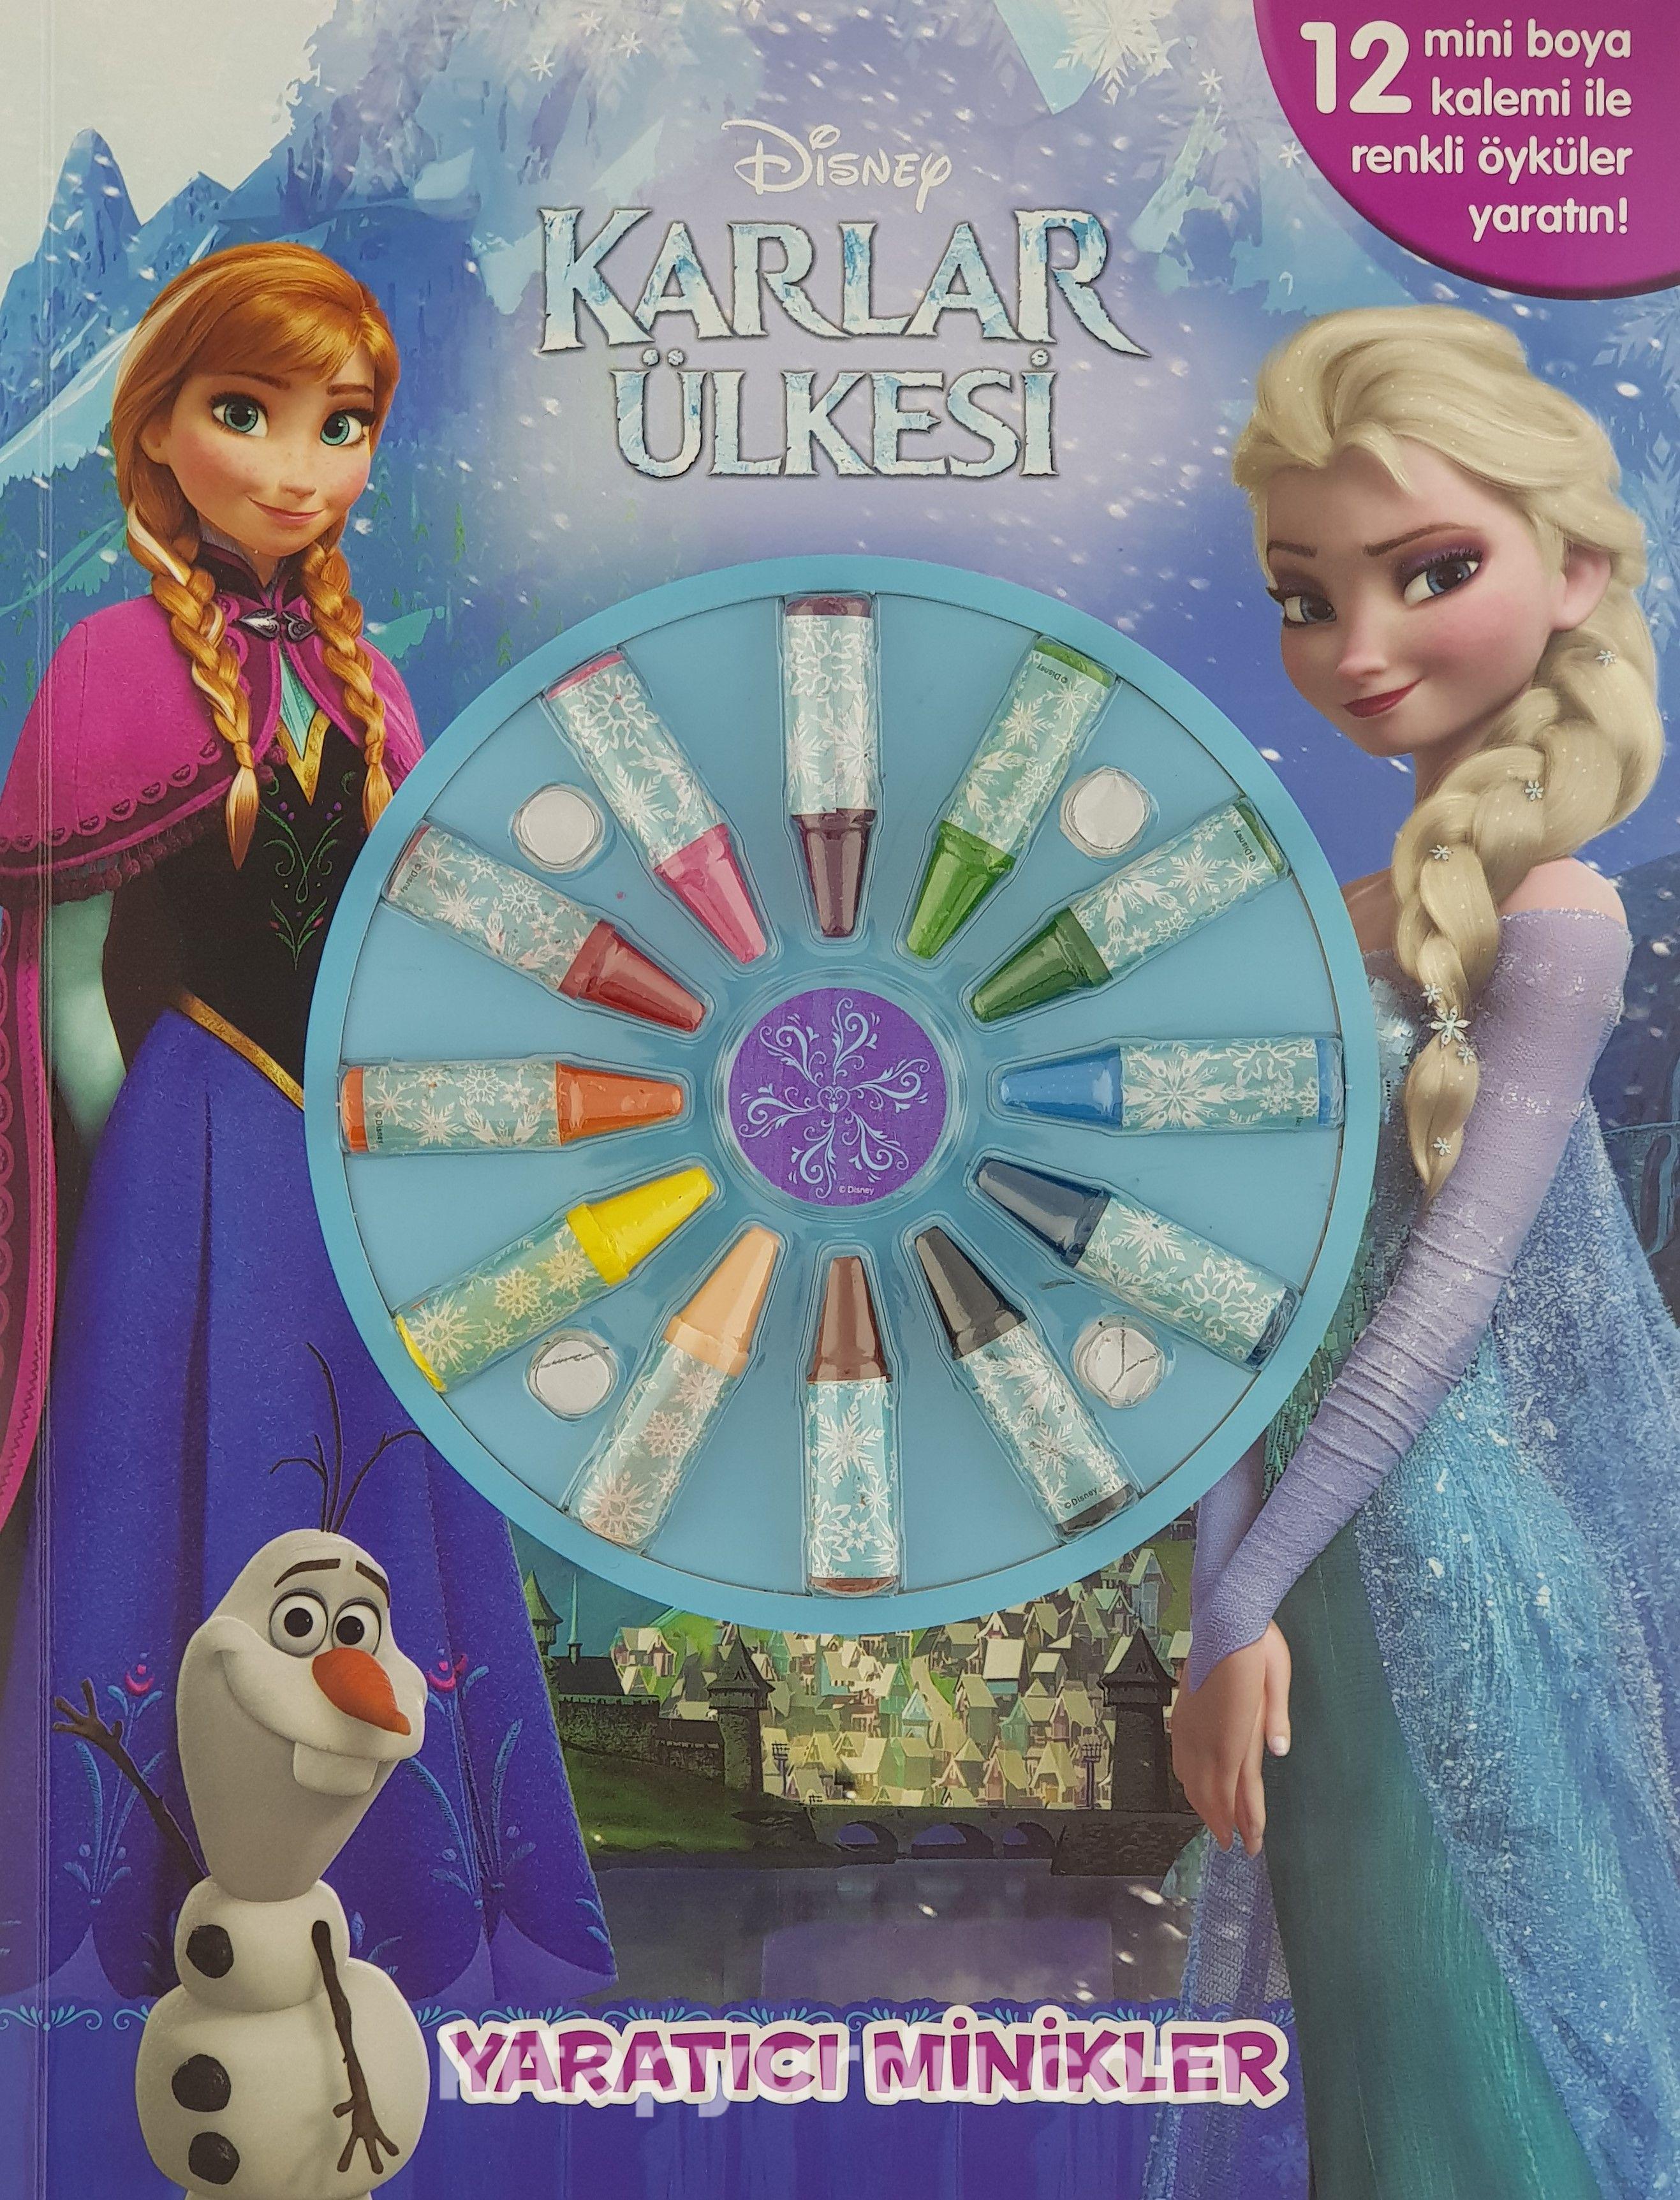 Disney Karlar Ulkesi Yaratici Minikler Kollektif Kitapyurdu Com